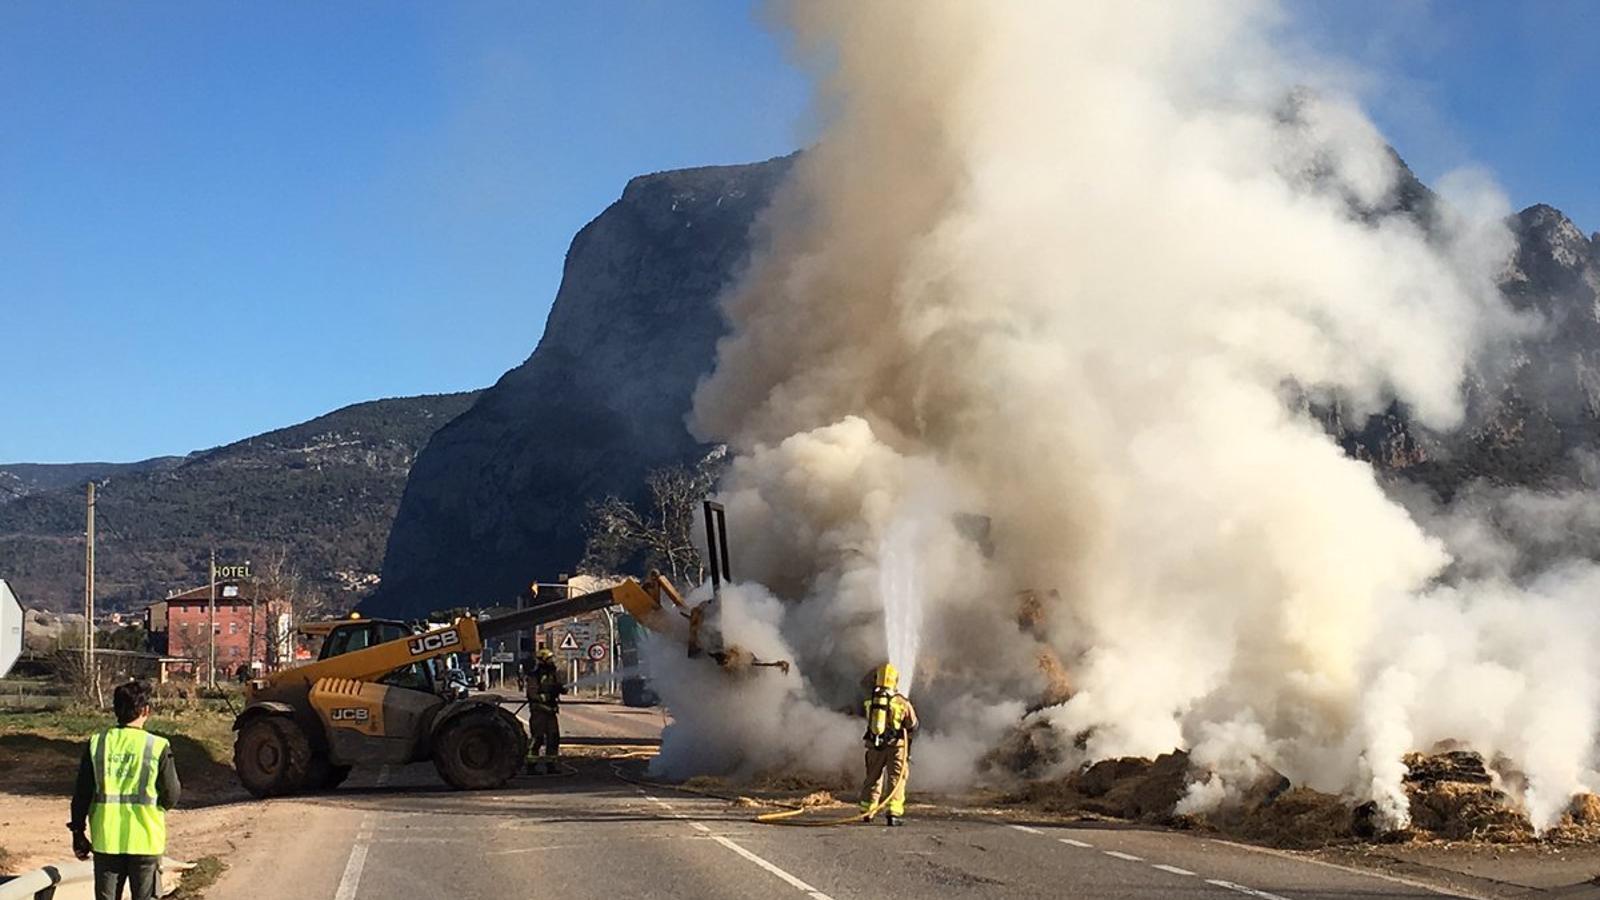 L'extinció de l'incendi en un camió de transport de palla a Coll de Nargó. / ARA ANDORRA